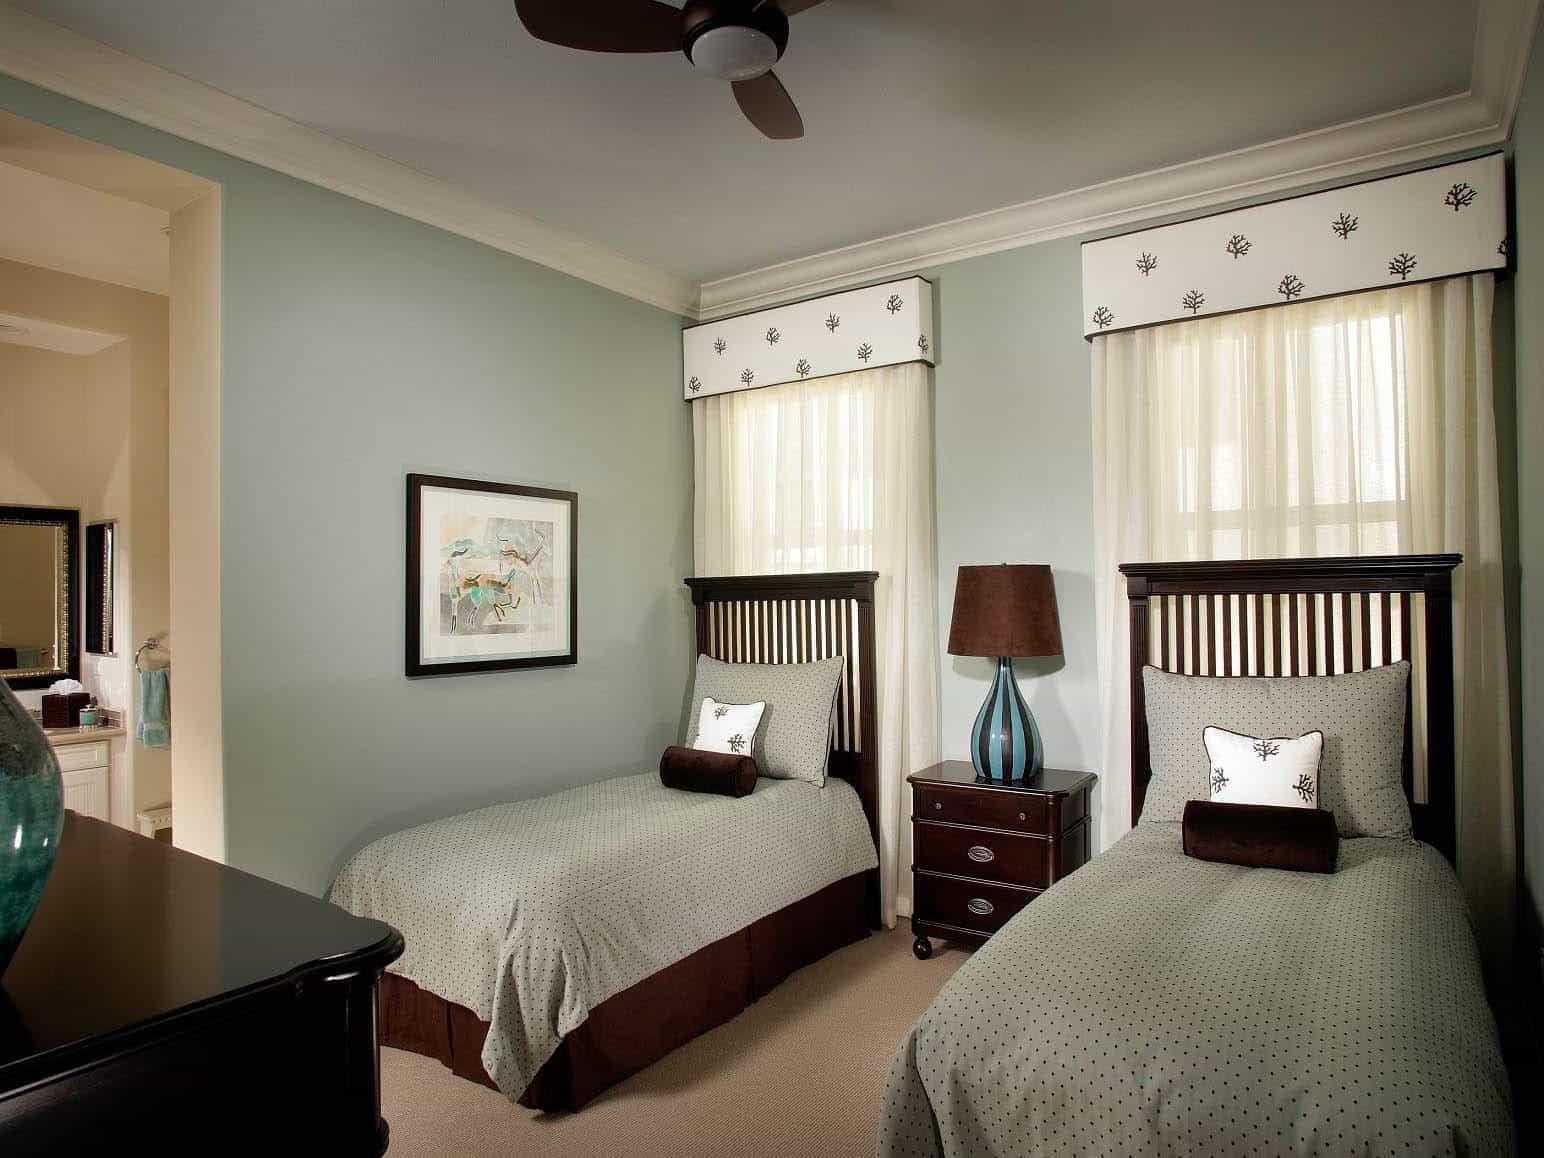 Interior Design Schlafzimmer Malerei Ideen Besten Kinder Schlafzimmer  Design Ideen Schlafzimmer